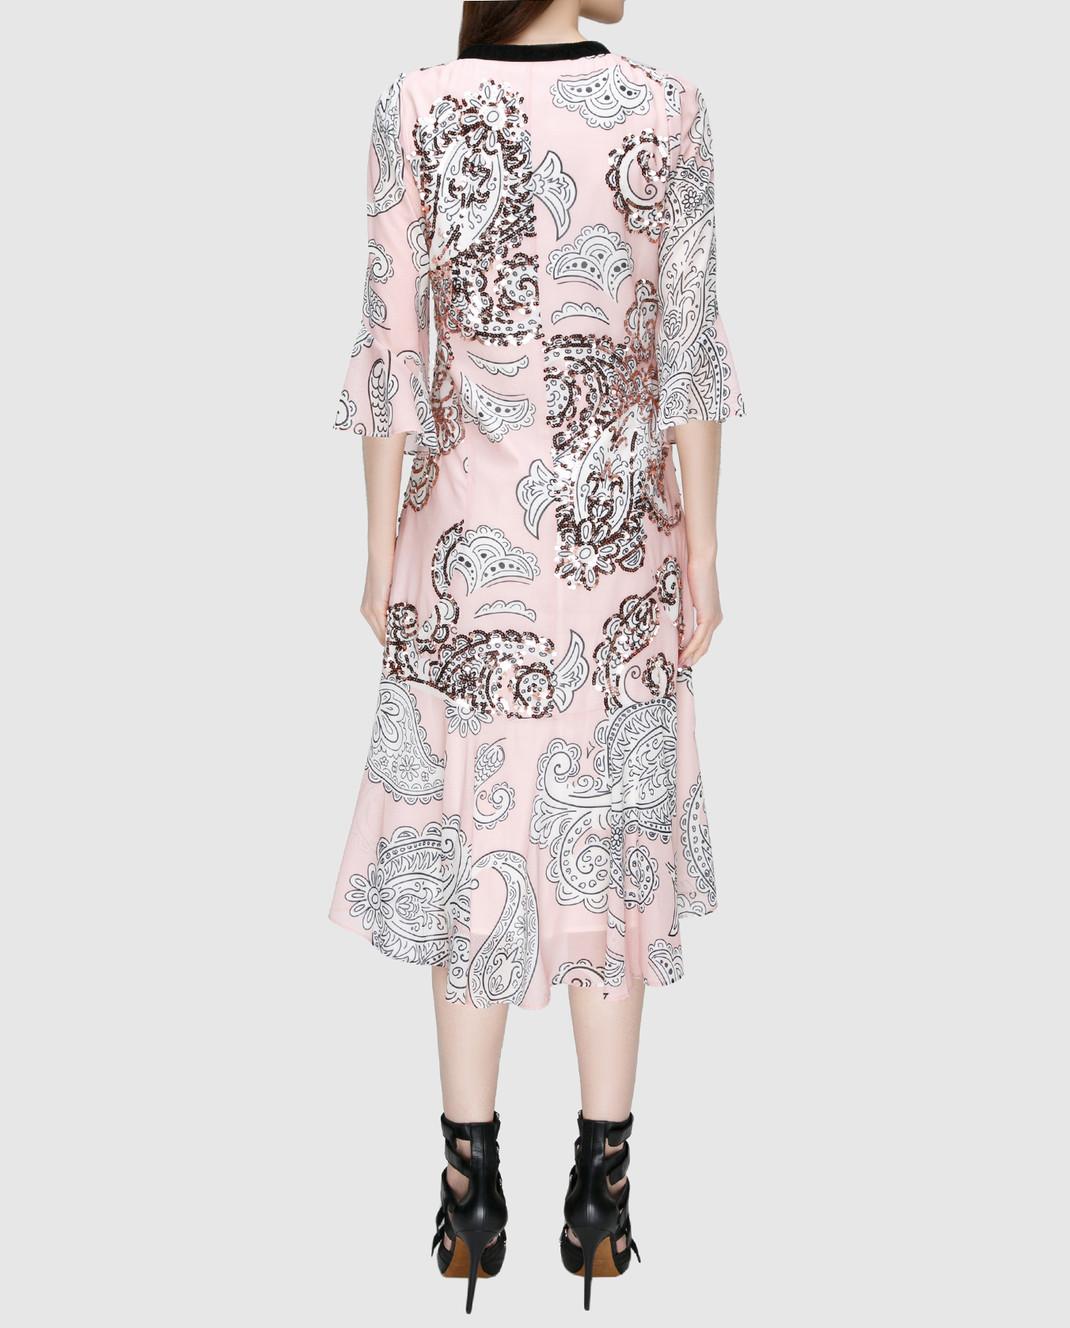 Manoush Персиковое платье ME7PPRO изображение 4